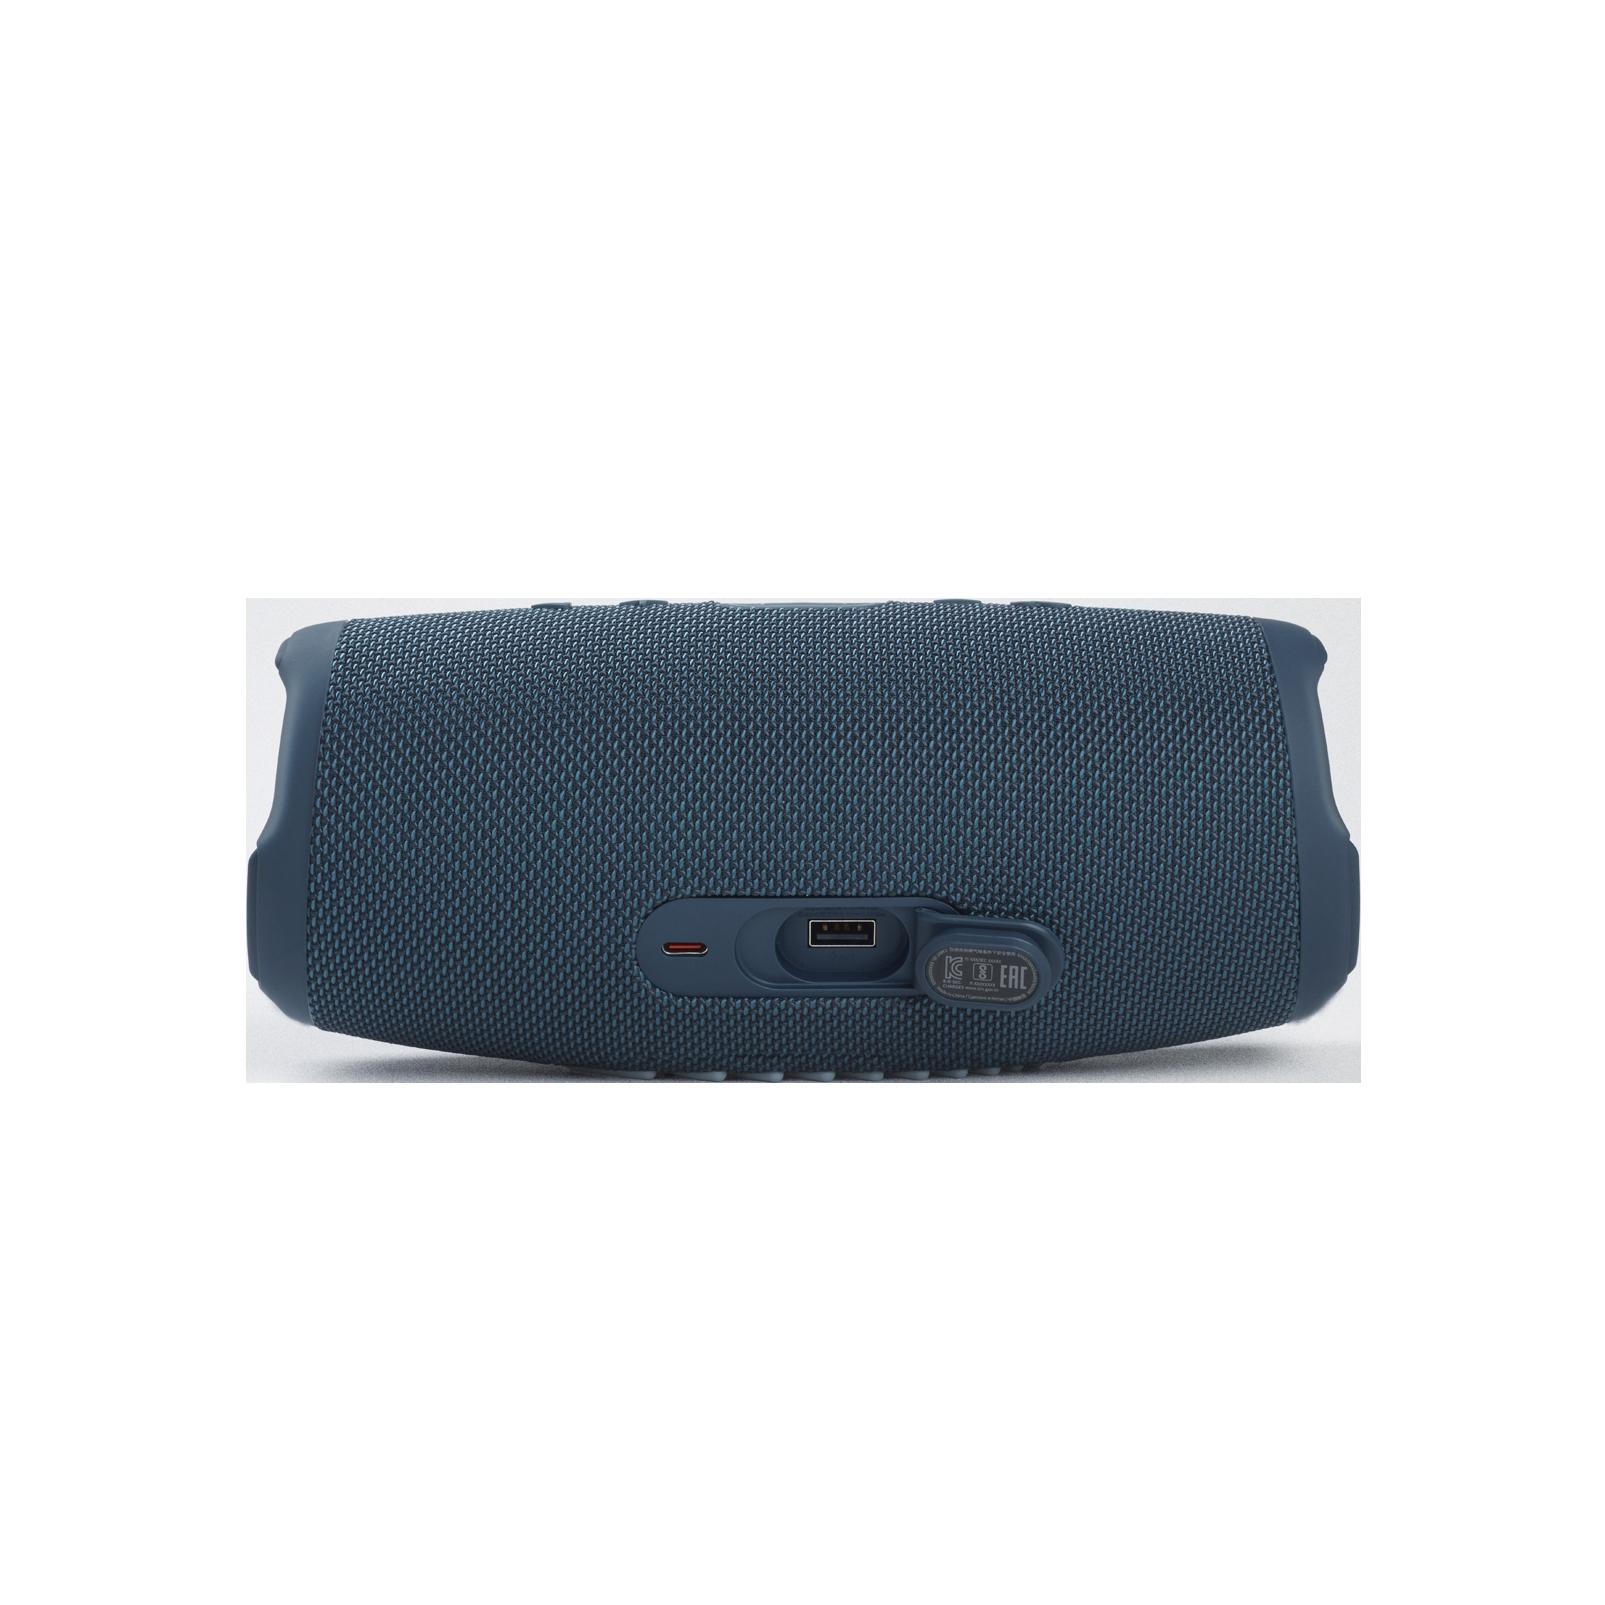 JBL Charge 5 - Blue - Portable Waterproof Speaker with Powerbank - Detailshot 1